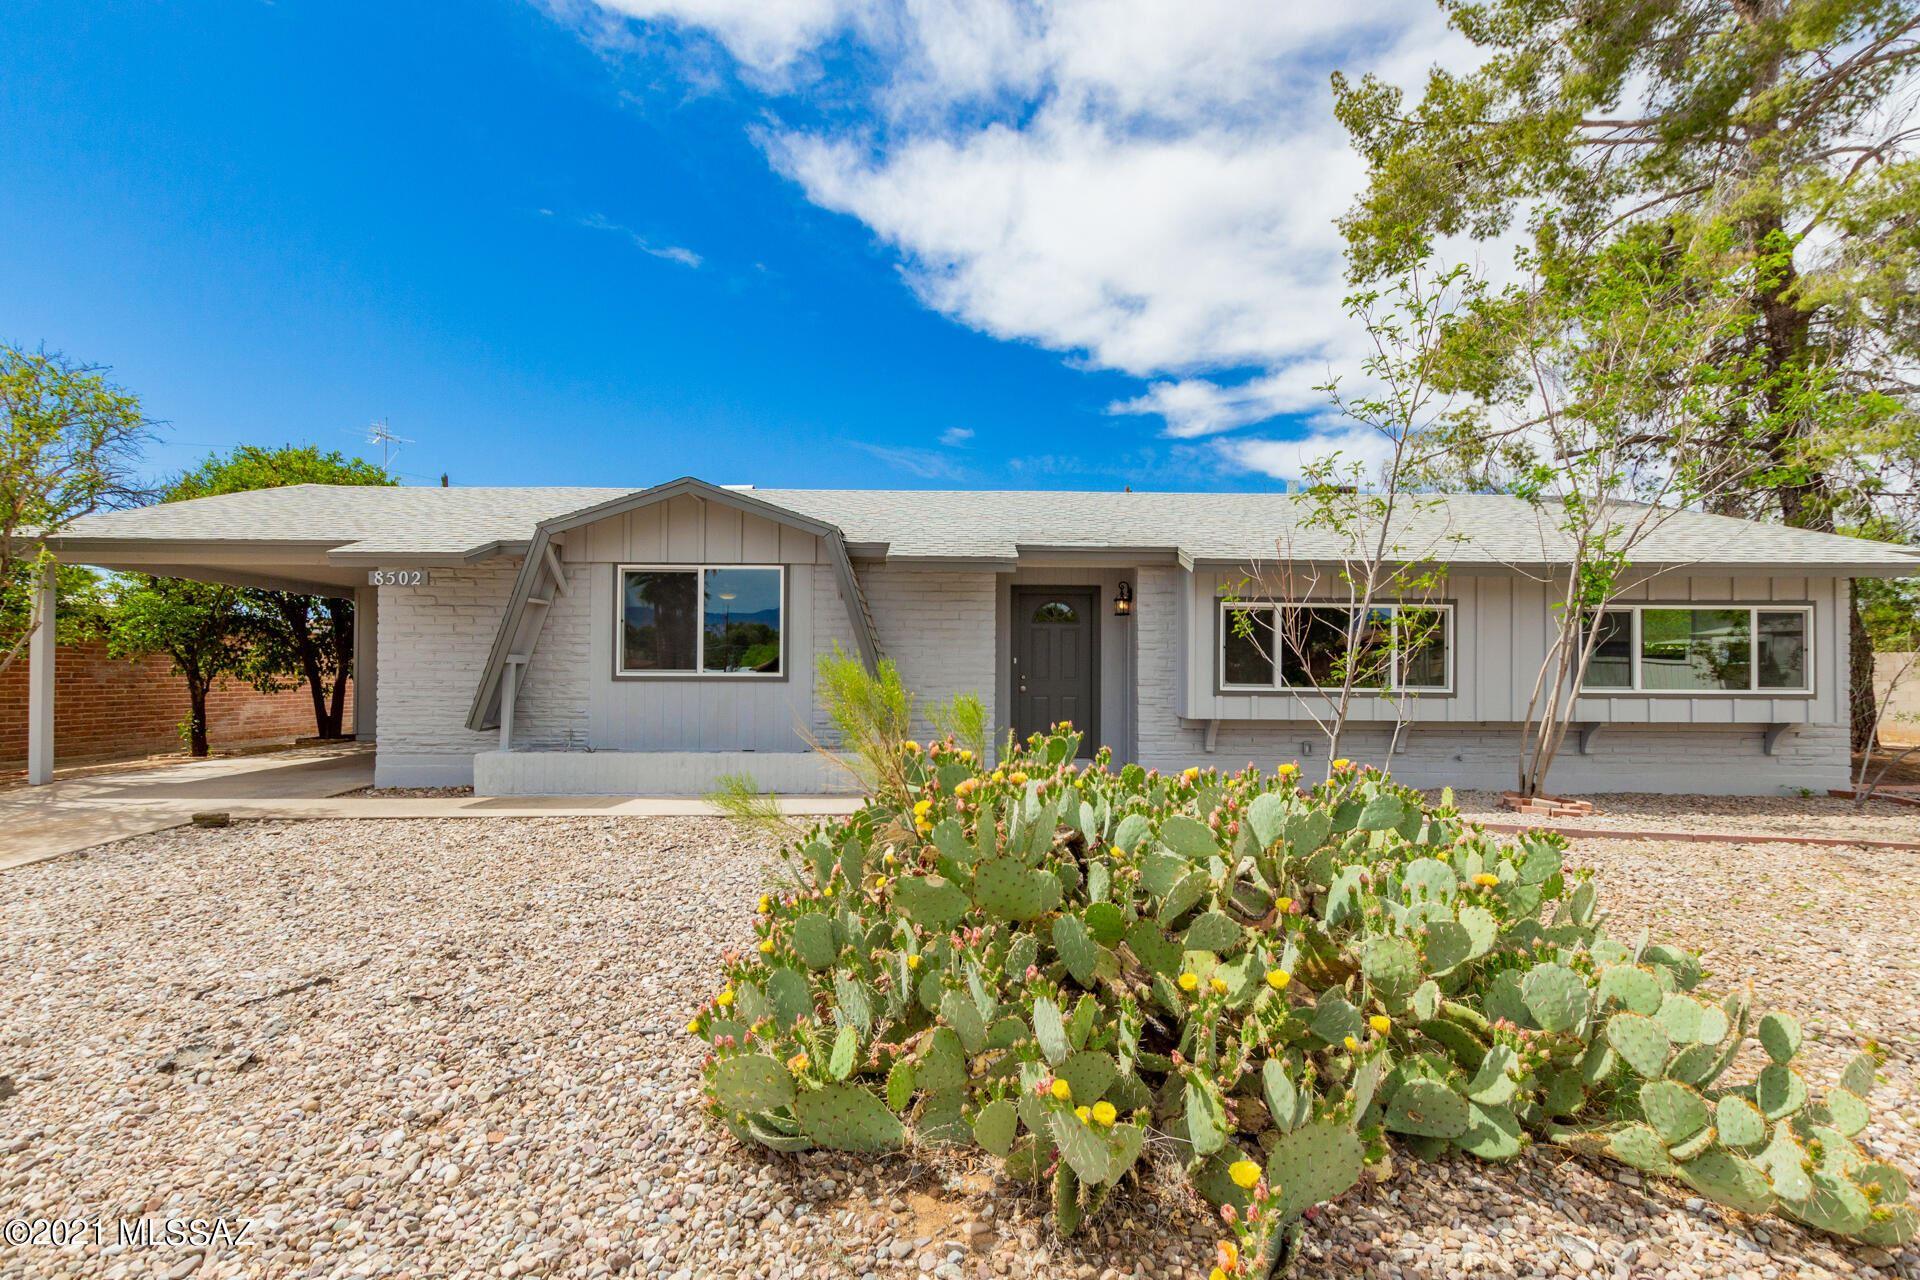 8502 E Kent Place, Tucson, AZ 85710 - MLS#: 22117712